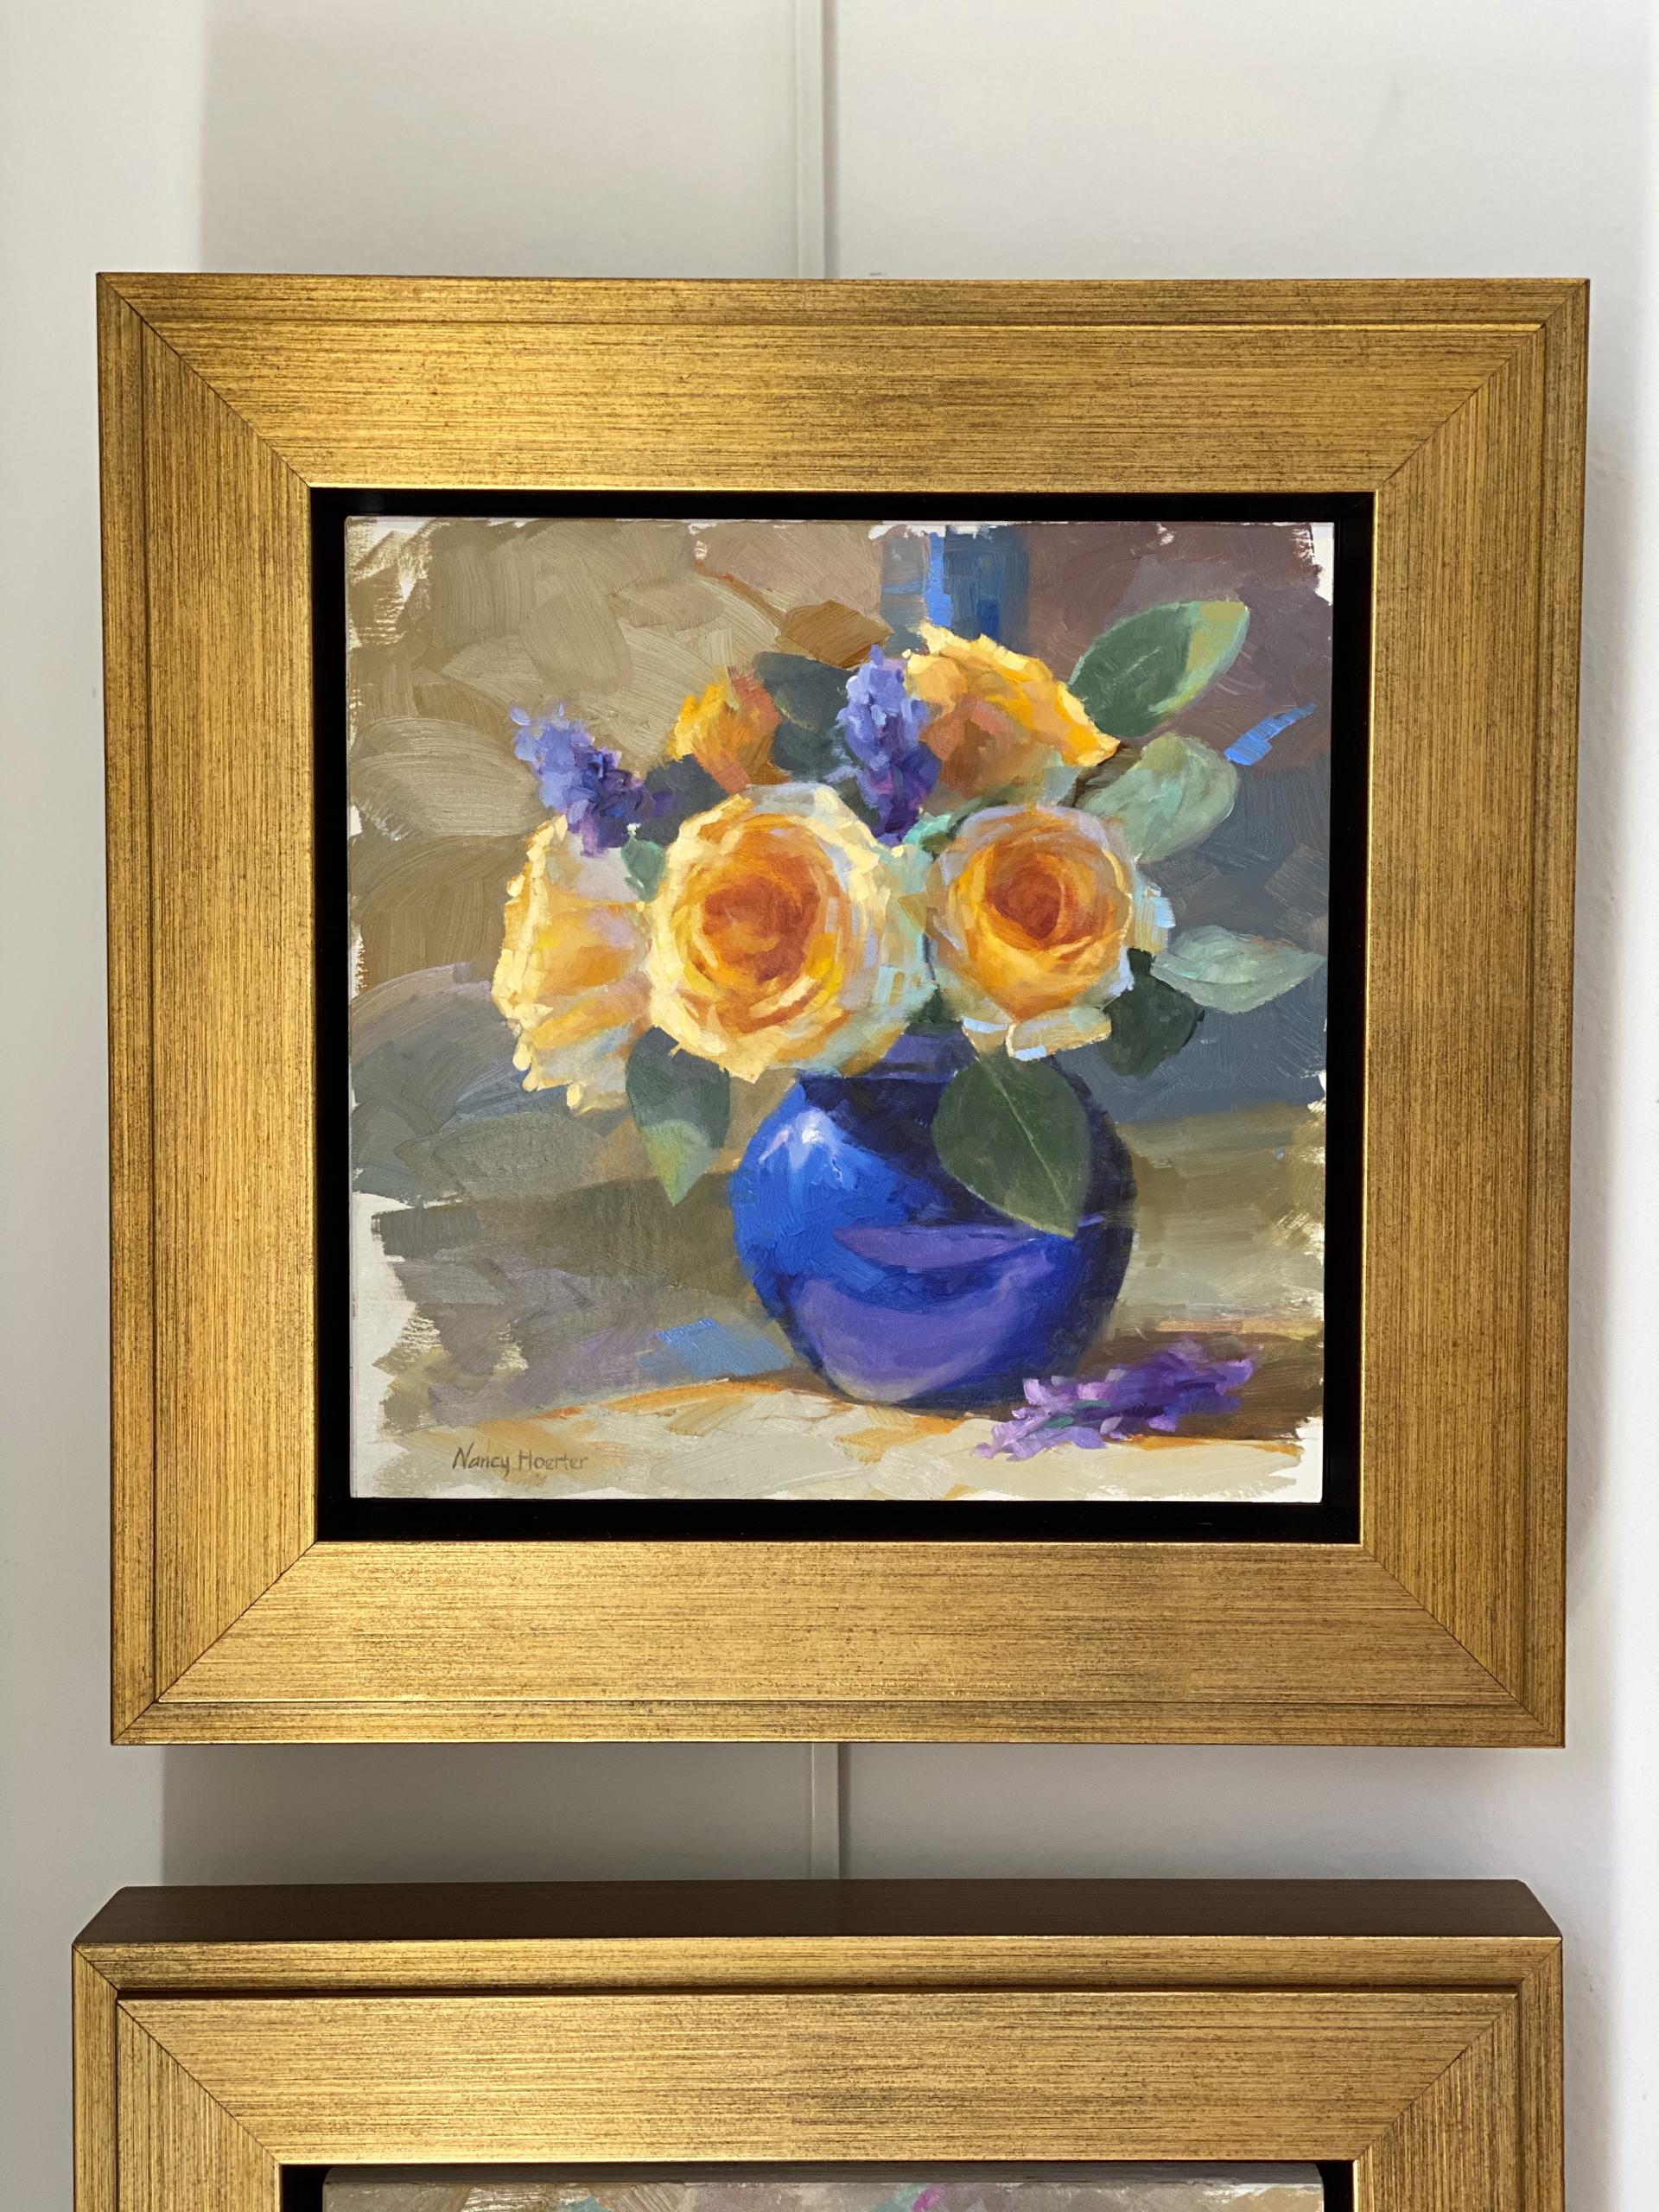 Blues for Mama by Nancy Hoerter